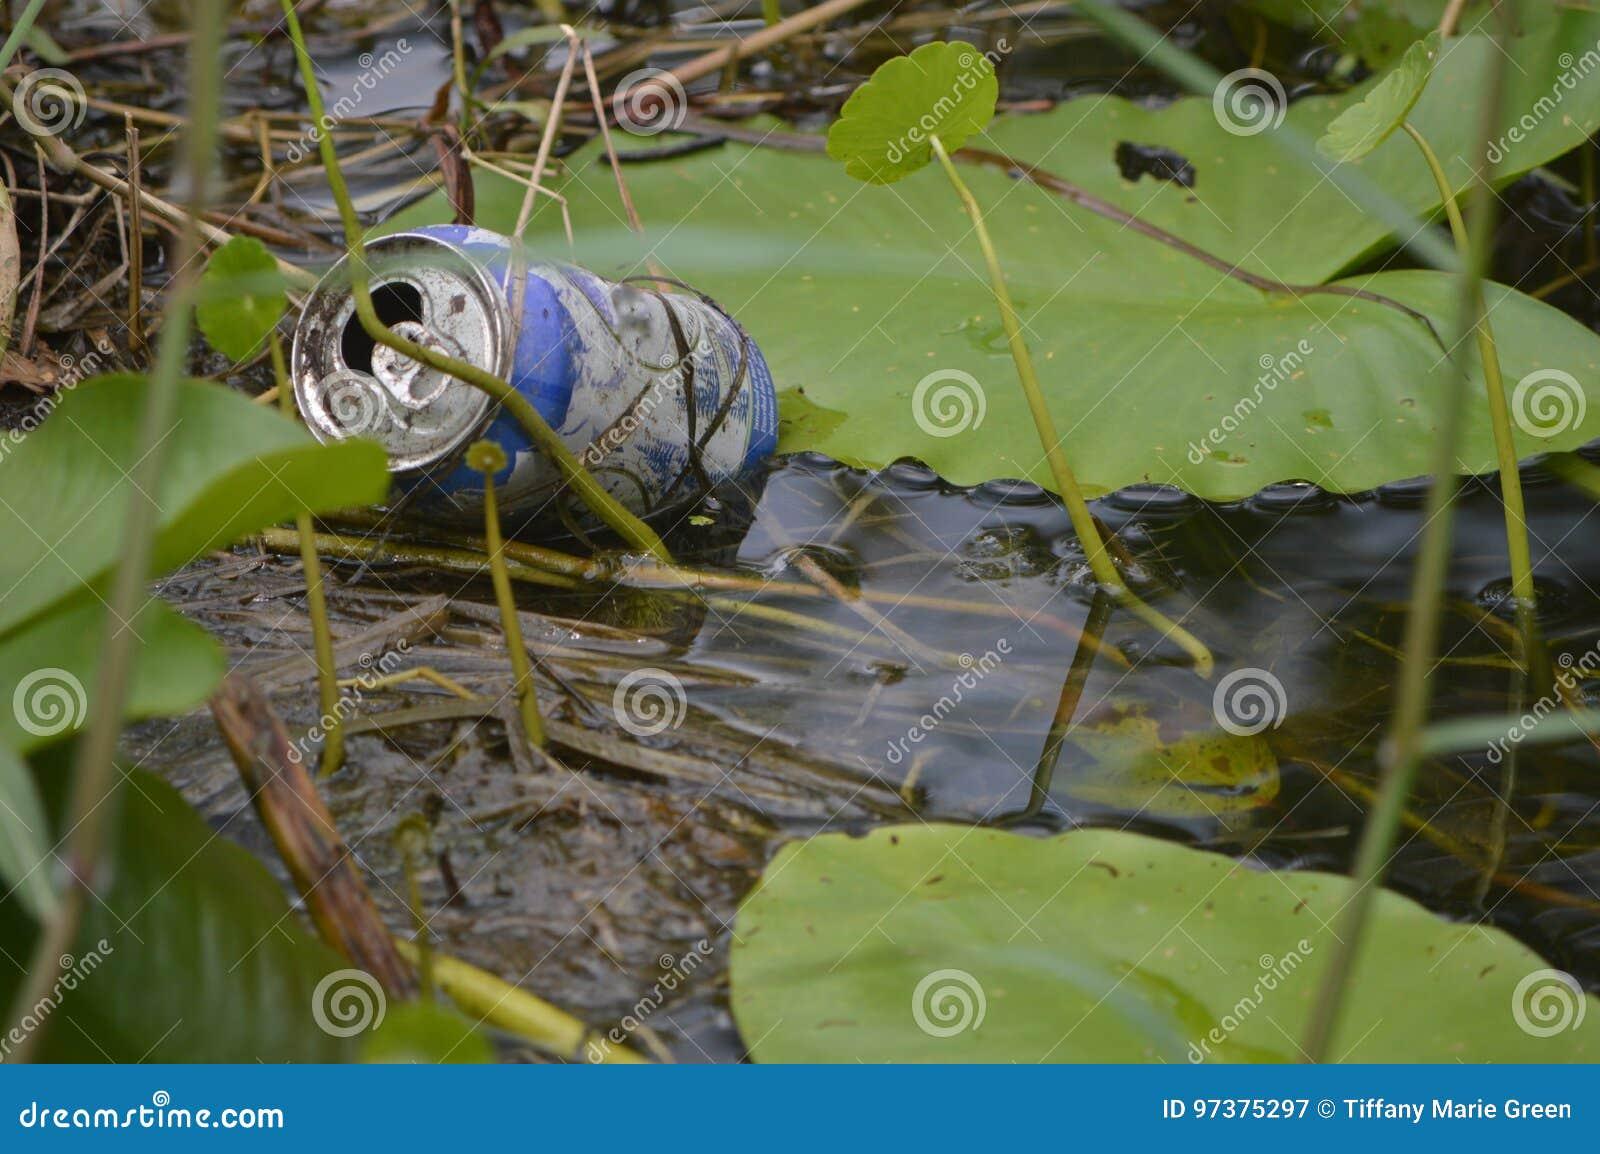 Litter in the Wetlands